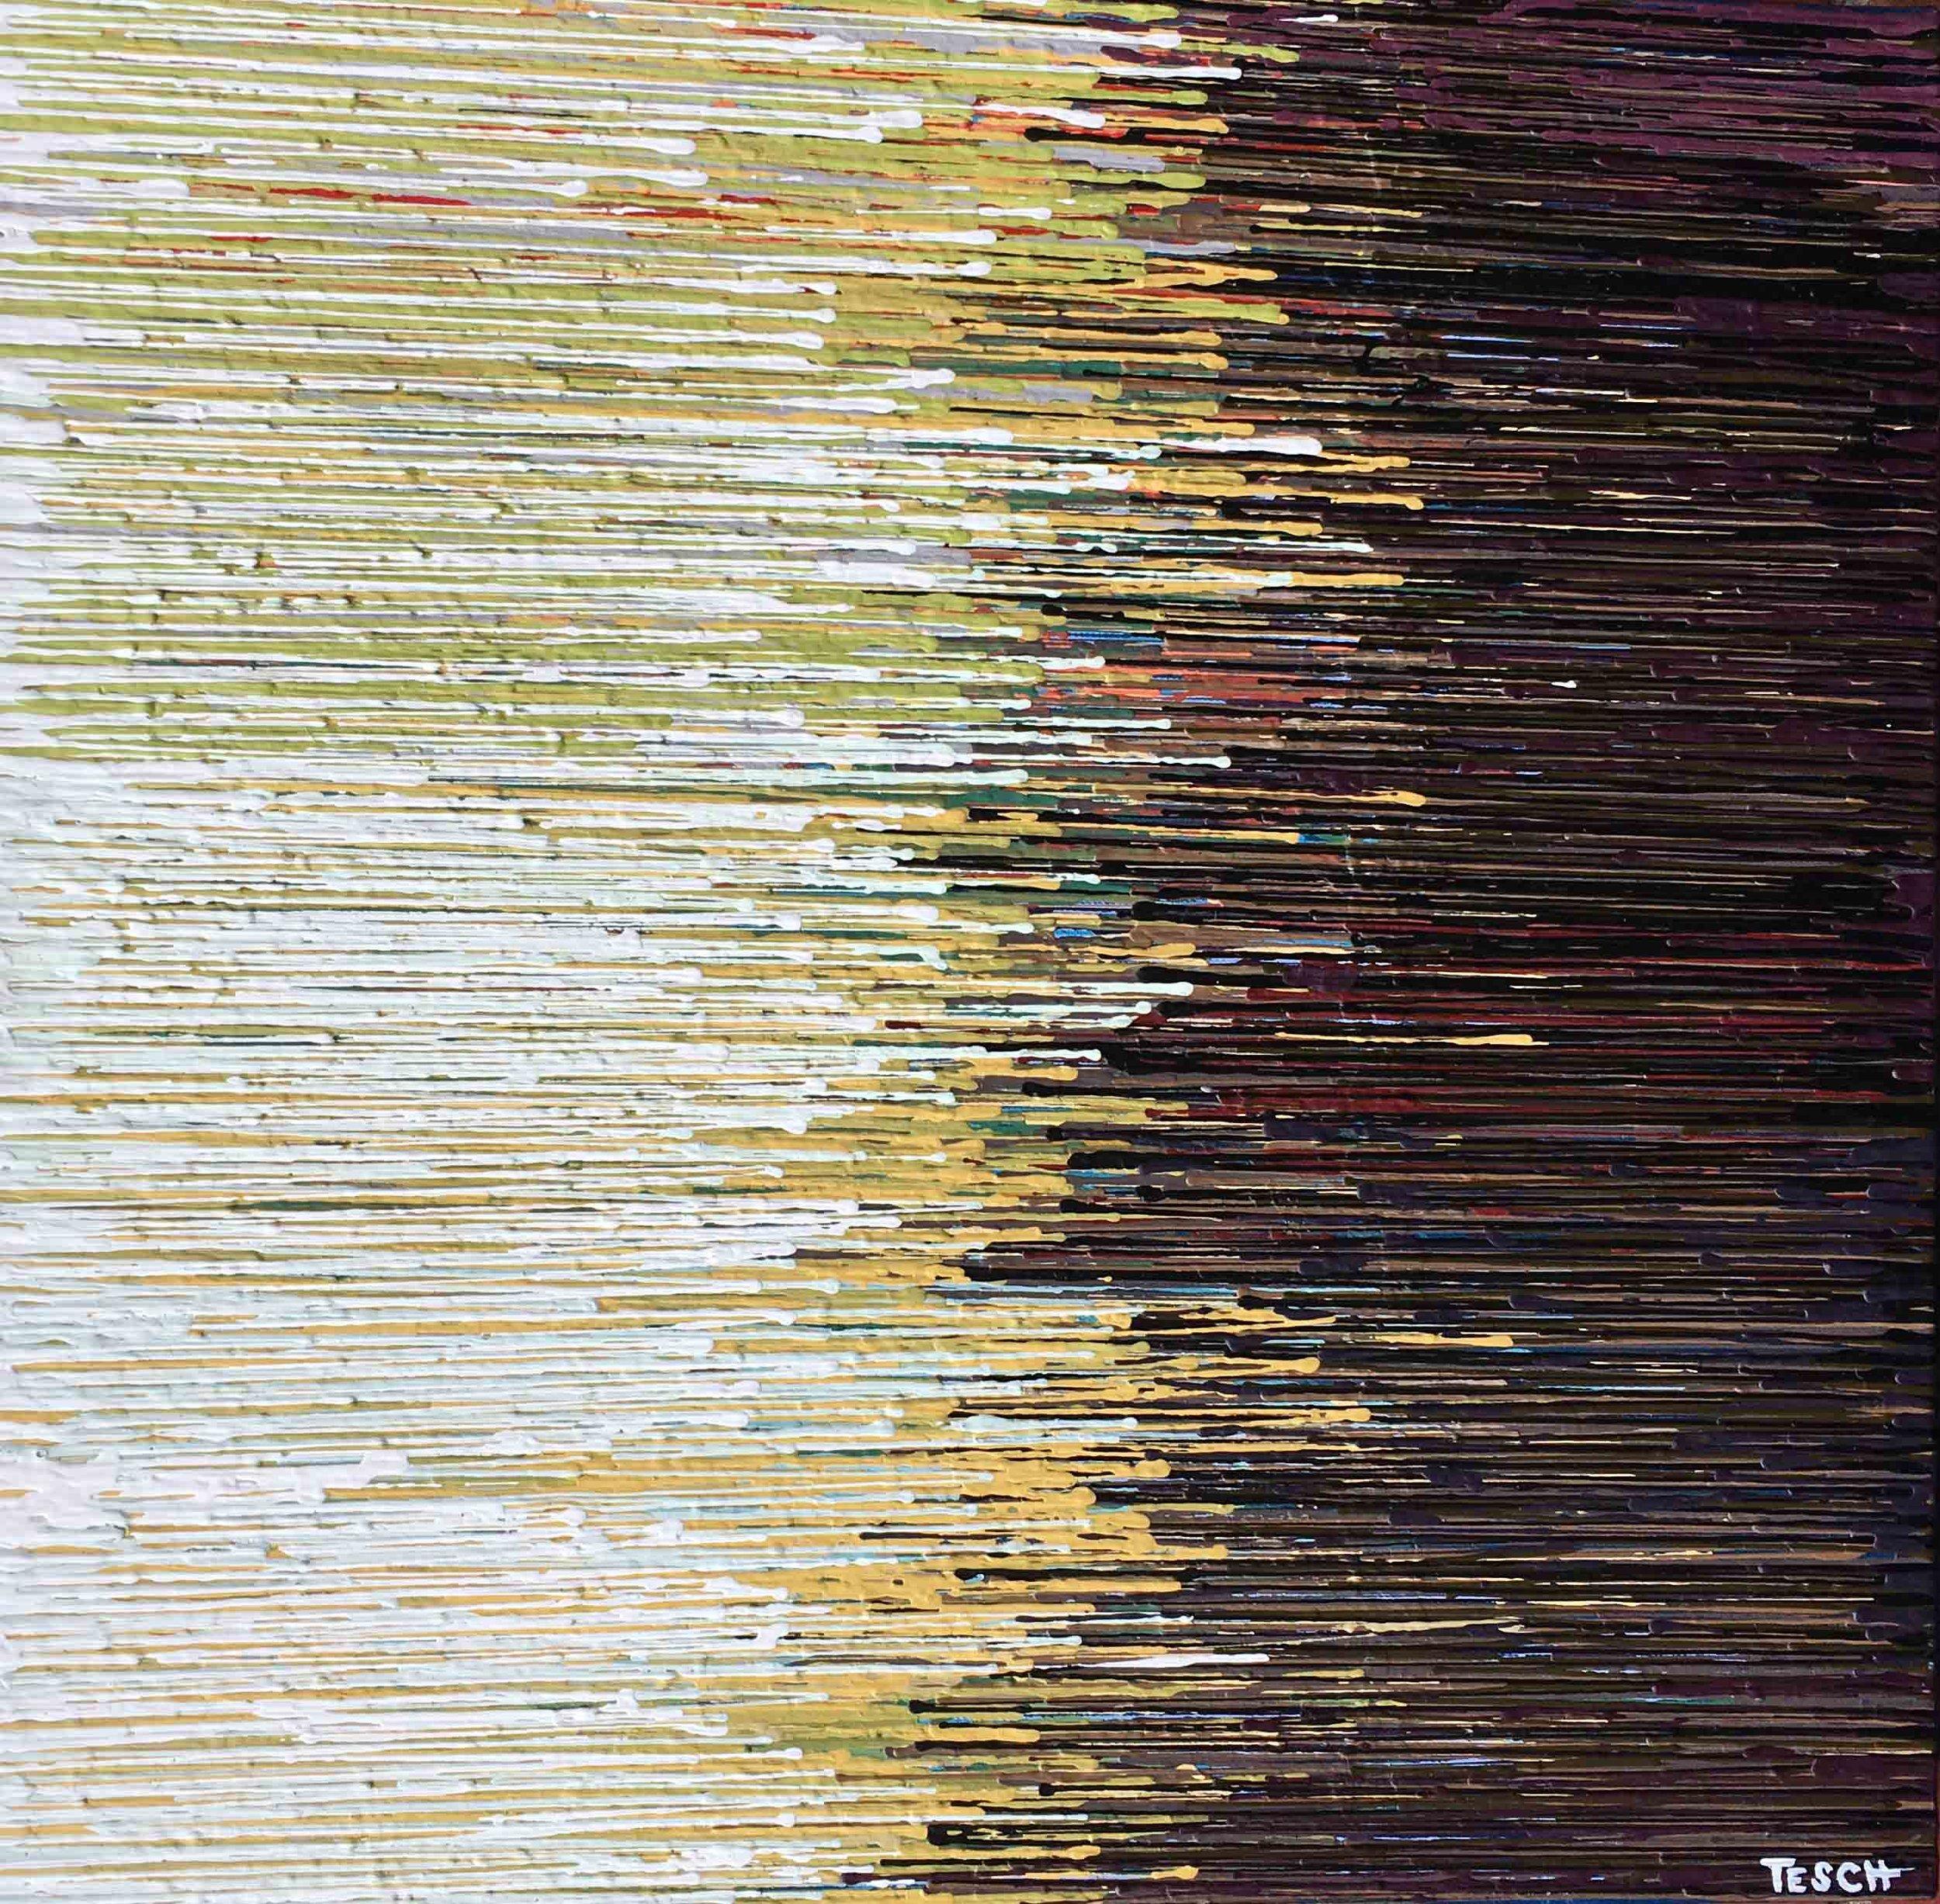 """DRIP 5 - acrylic on canvas - 24"""" x 24"""""""